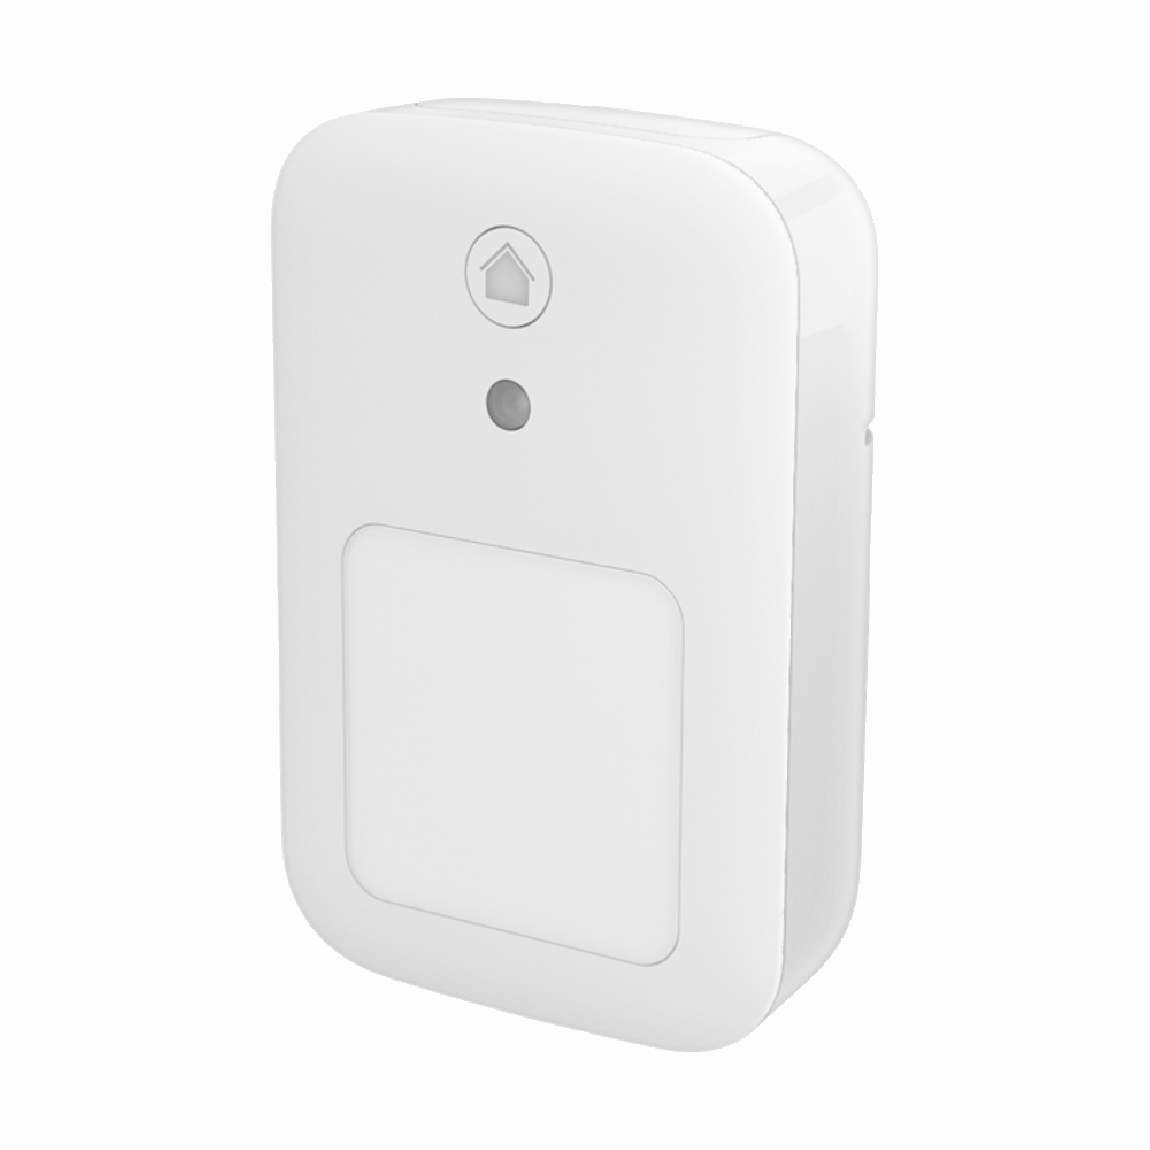 Telekom SmartHome Bewegungsmelder innen - Weiß